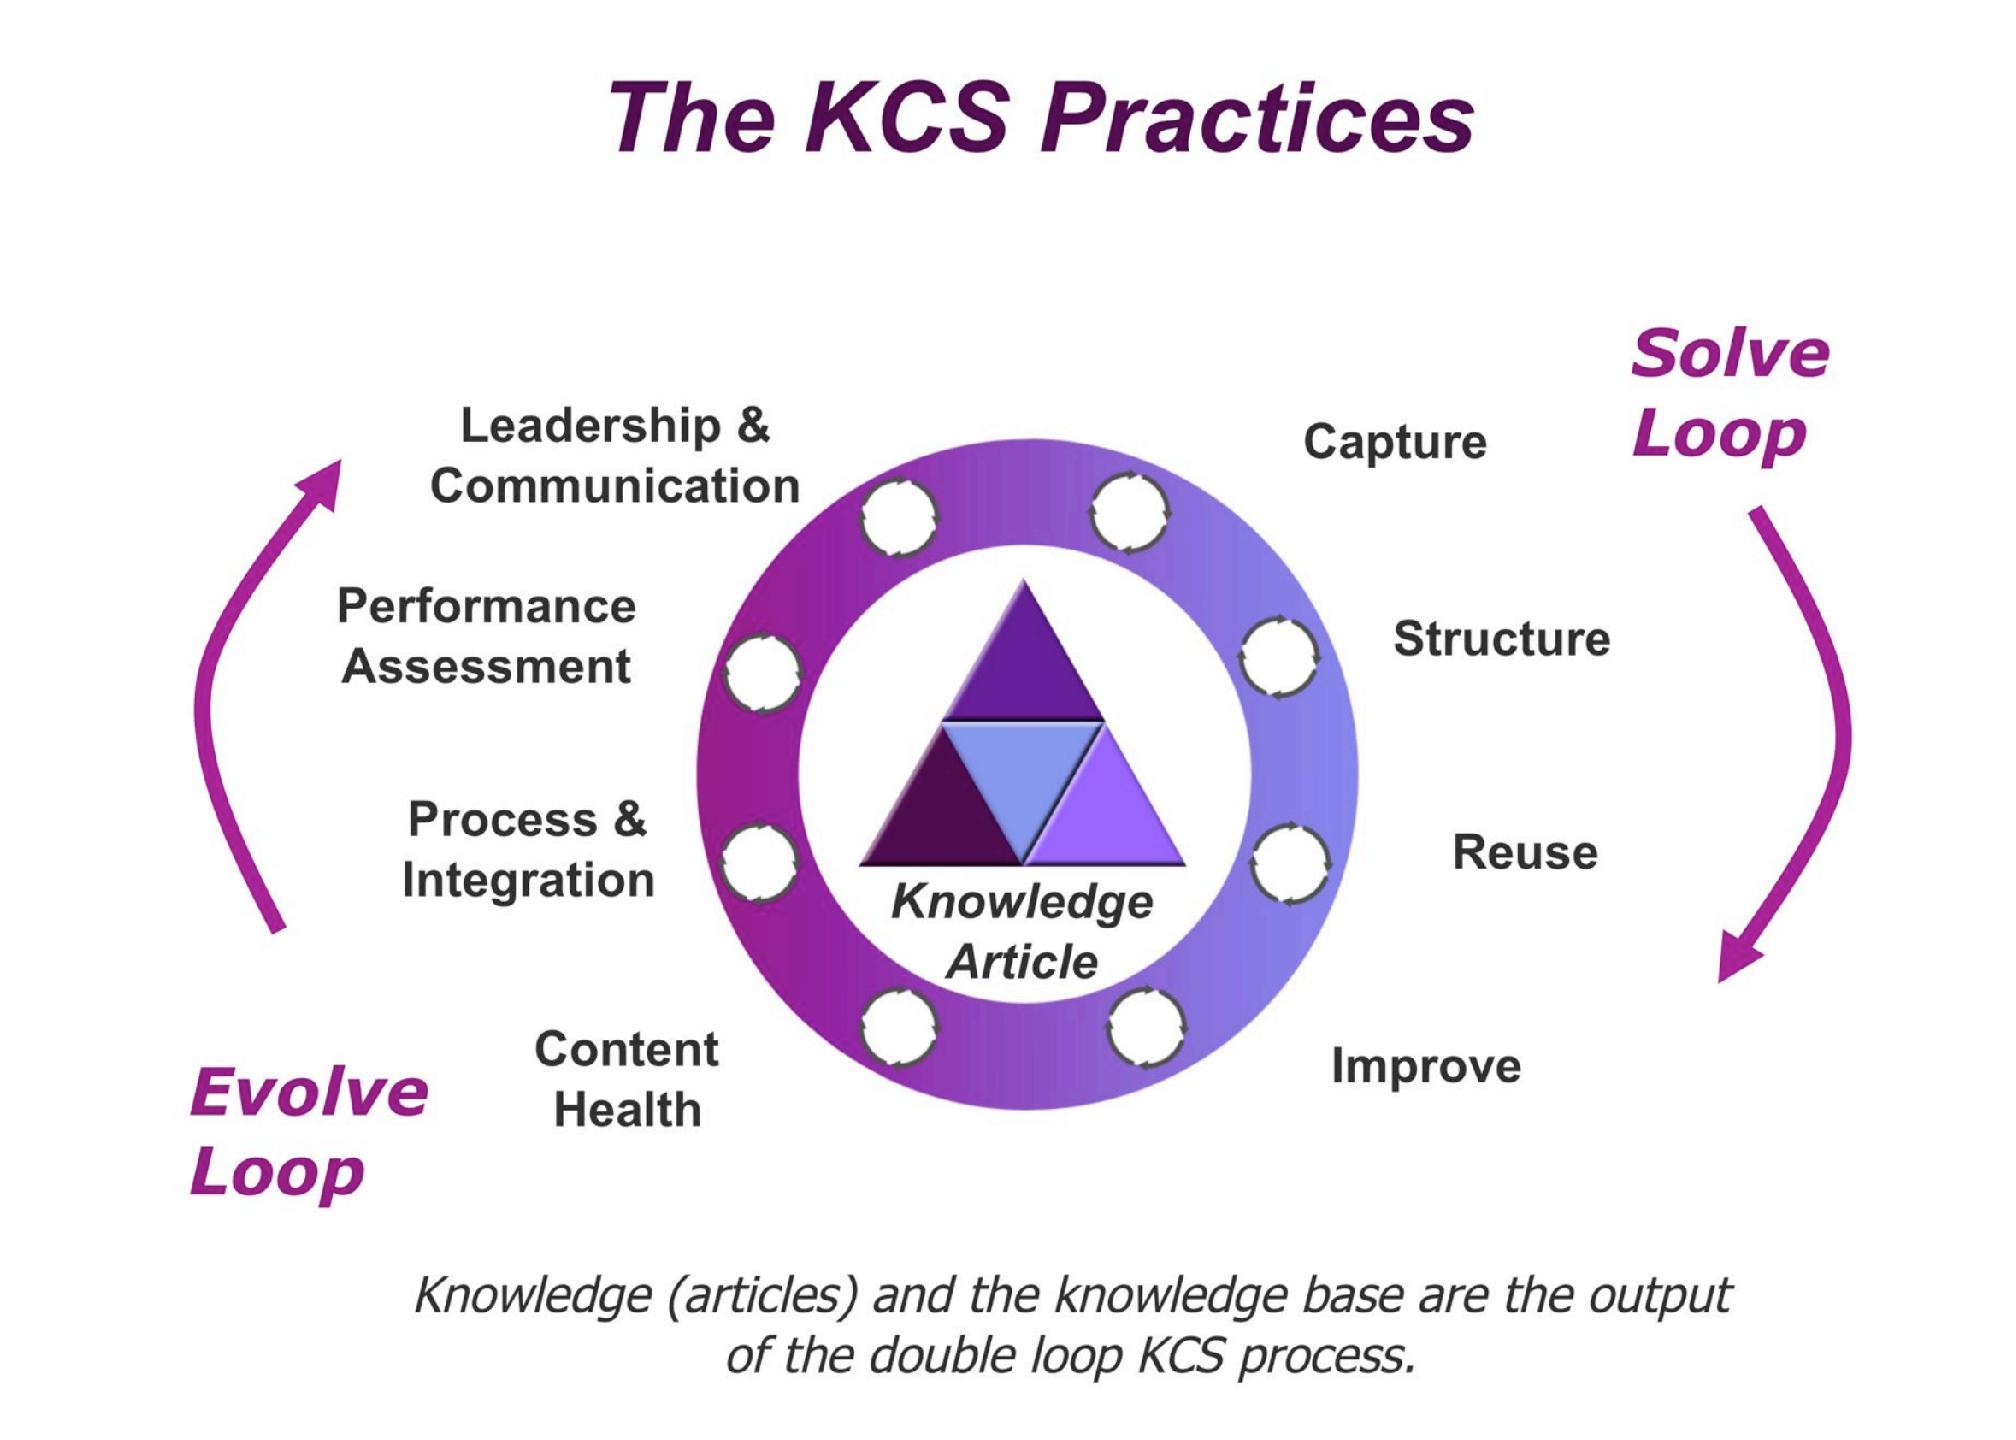 KCS Practices